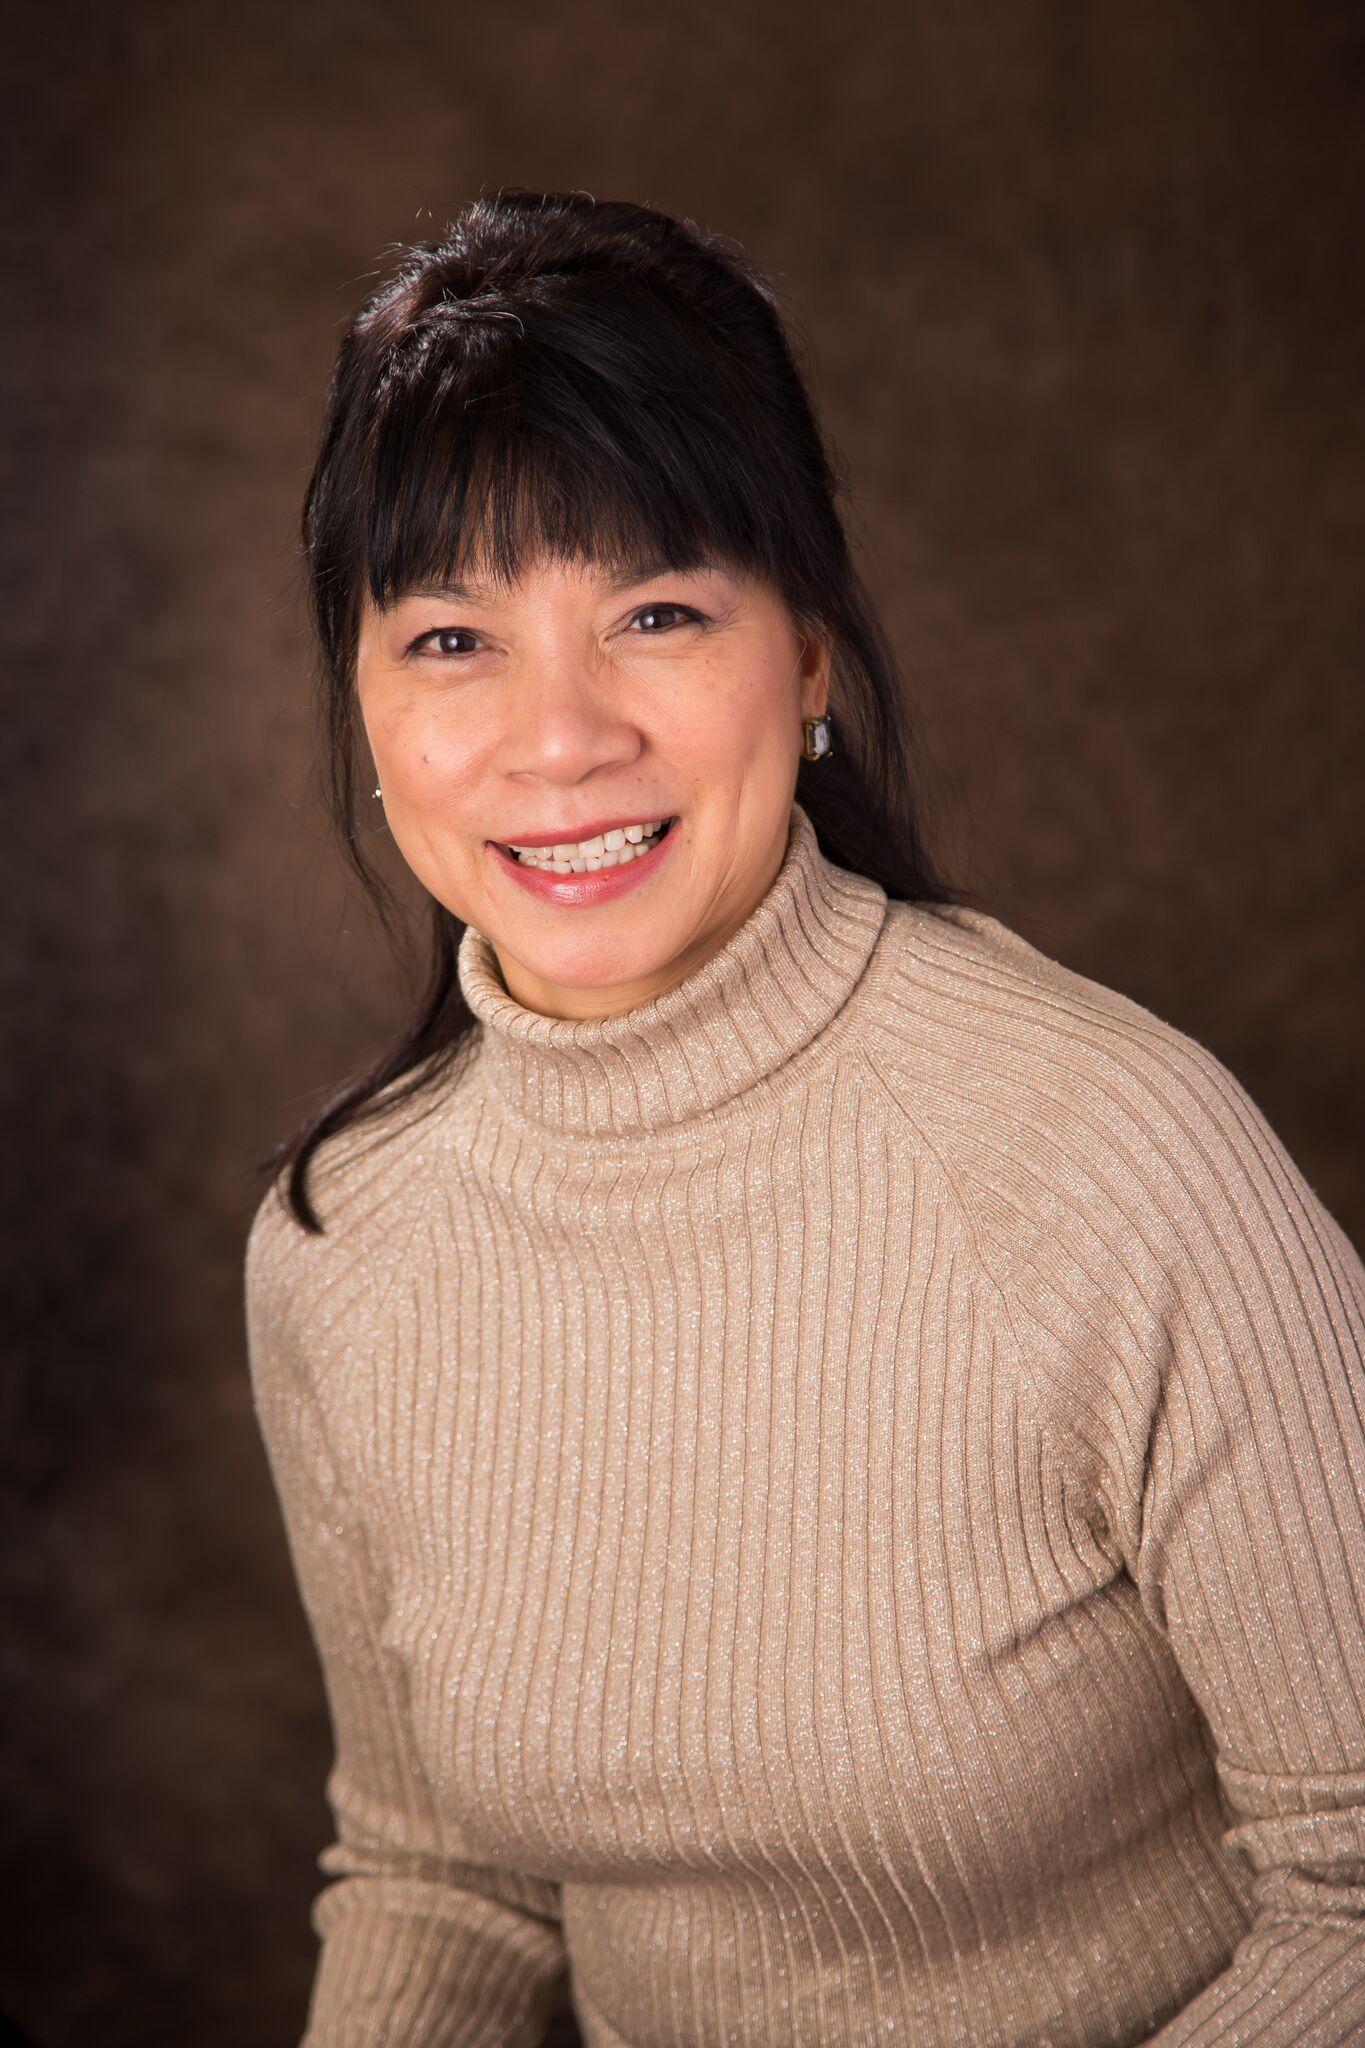 Lillie Chen